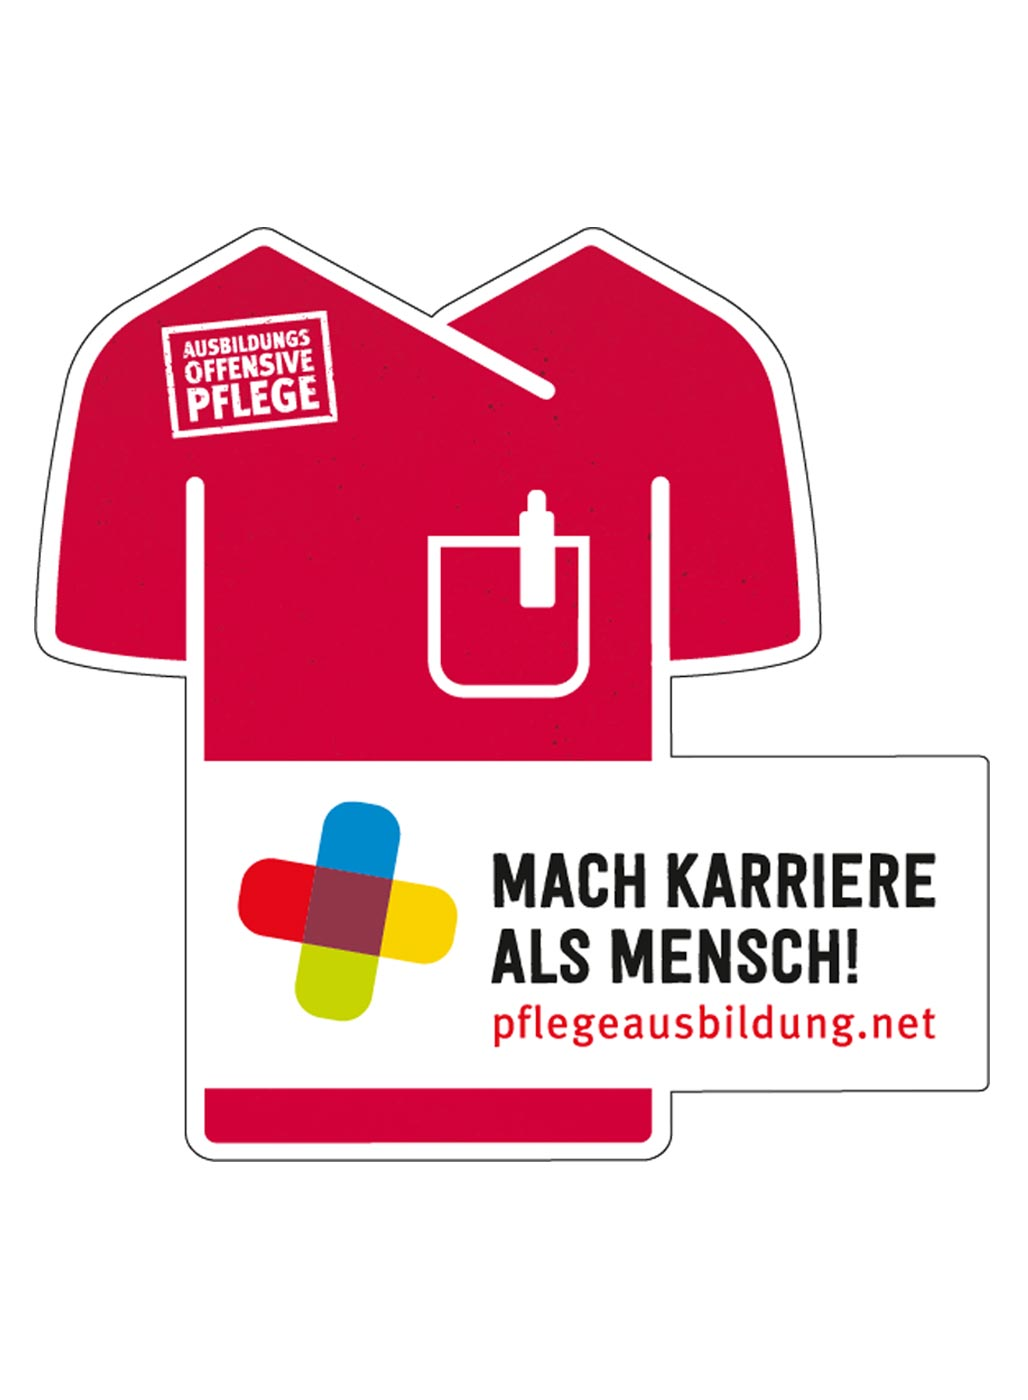 Grafik der Kampagne Mach Karriere als Mensch! pflegeausbildung.net